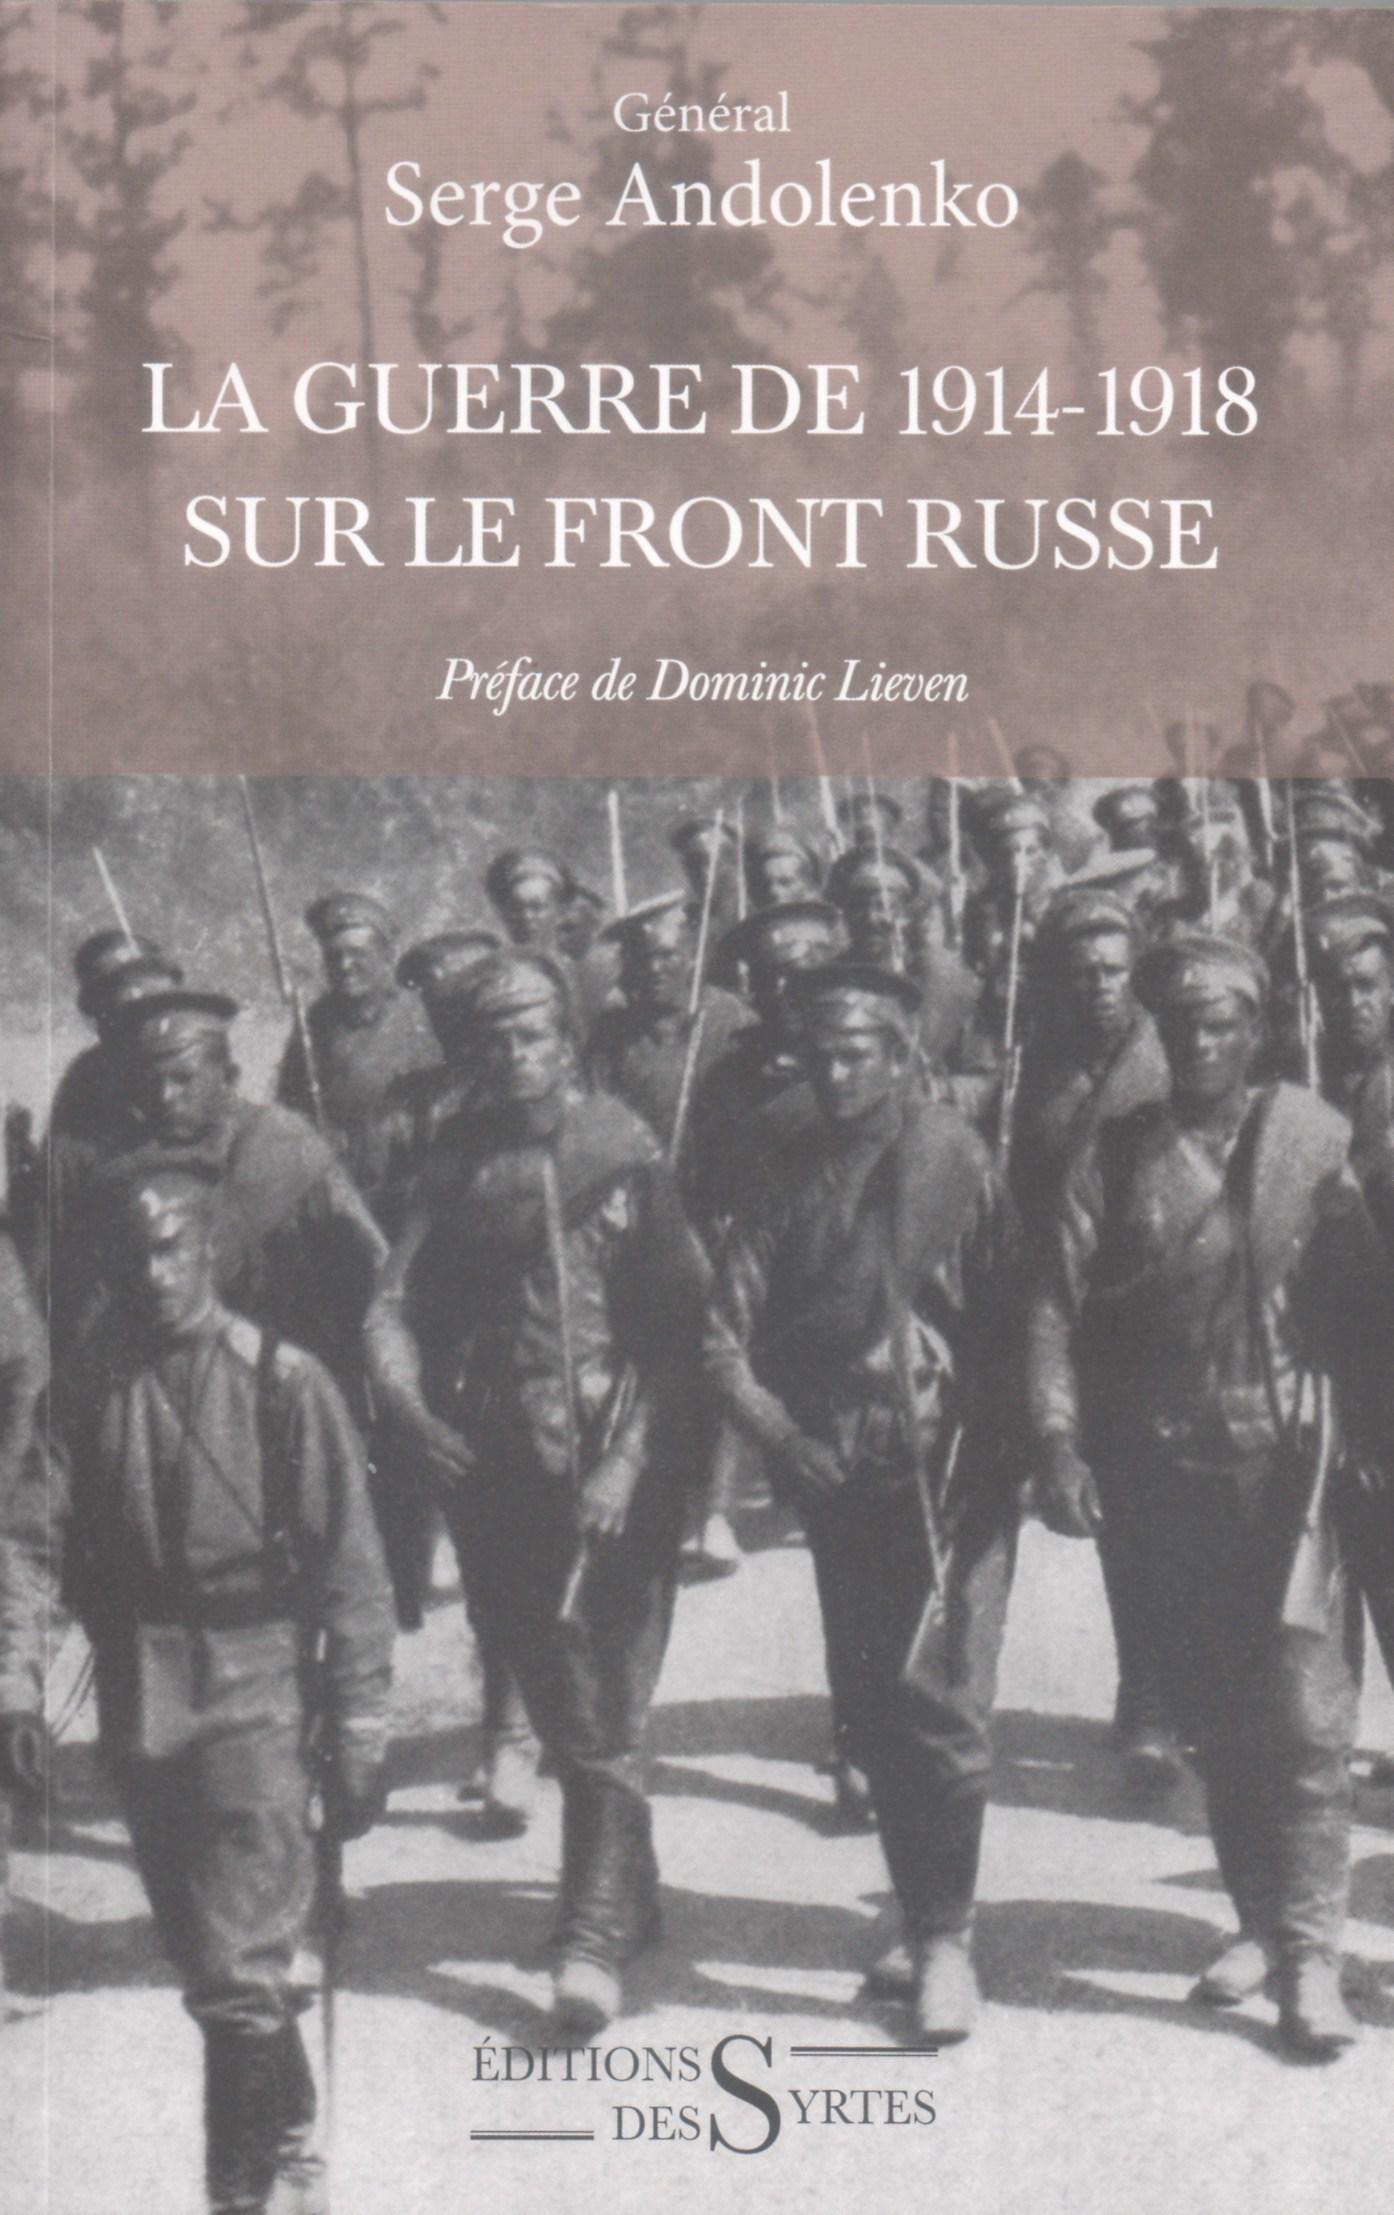 La Guerre de 1914-1918 sur le front russe (Général Serge Andolenko)